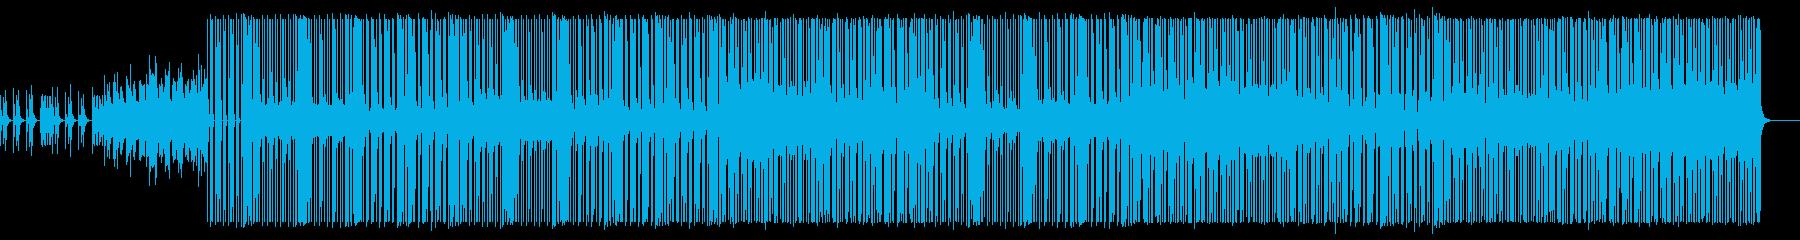 金属系音色・Hip-Hop Beatの再生済みの波形